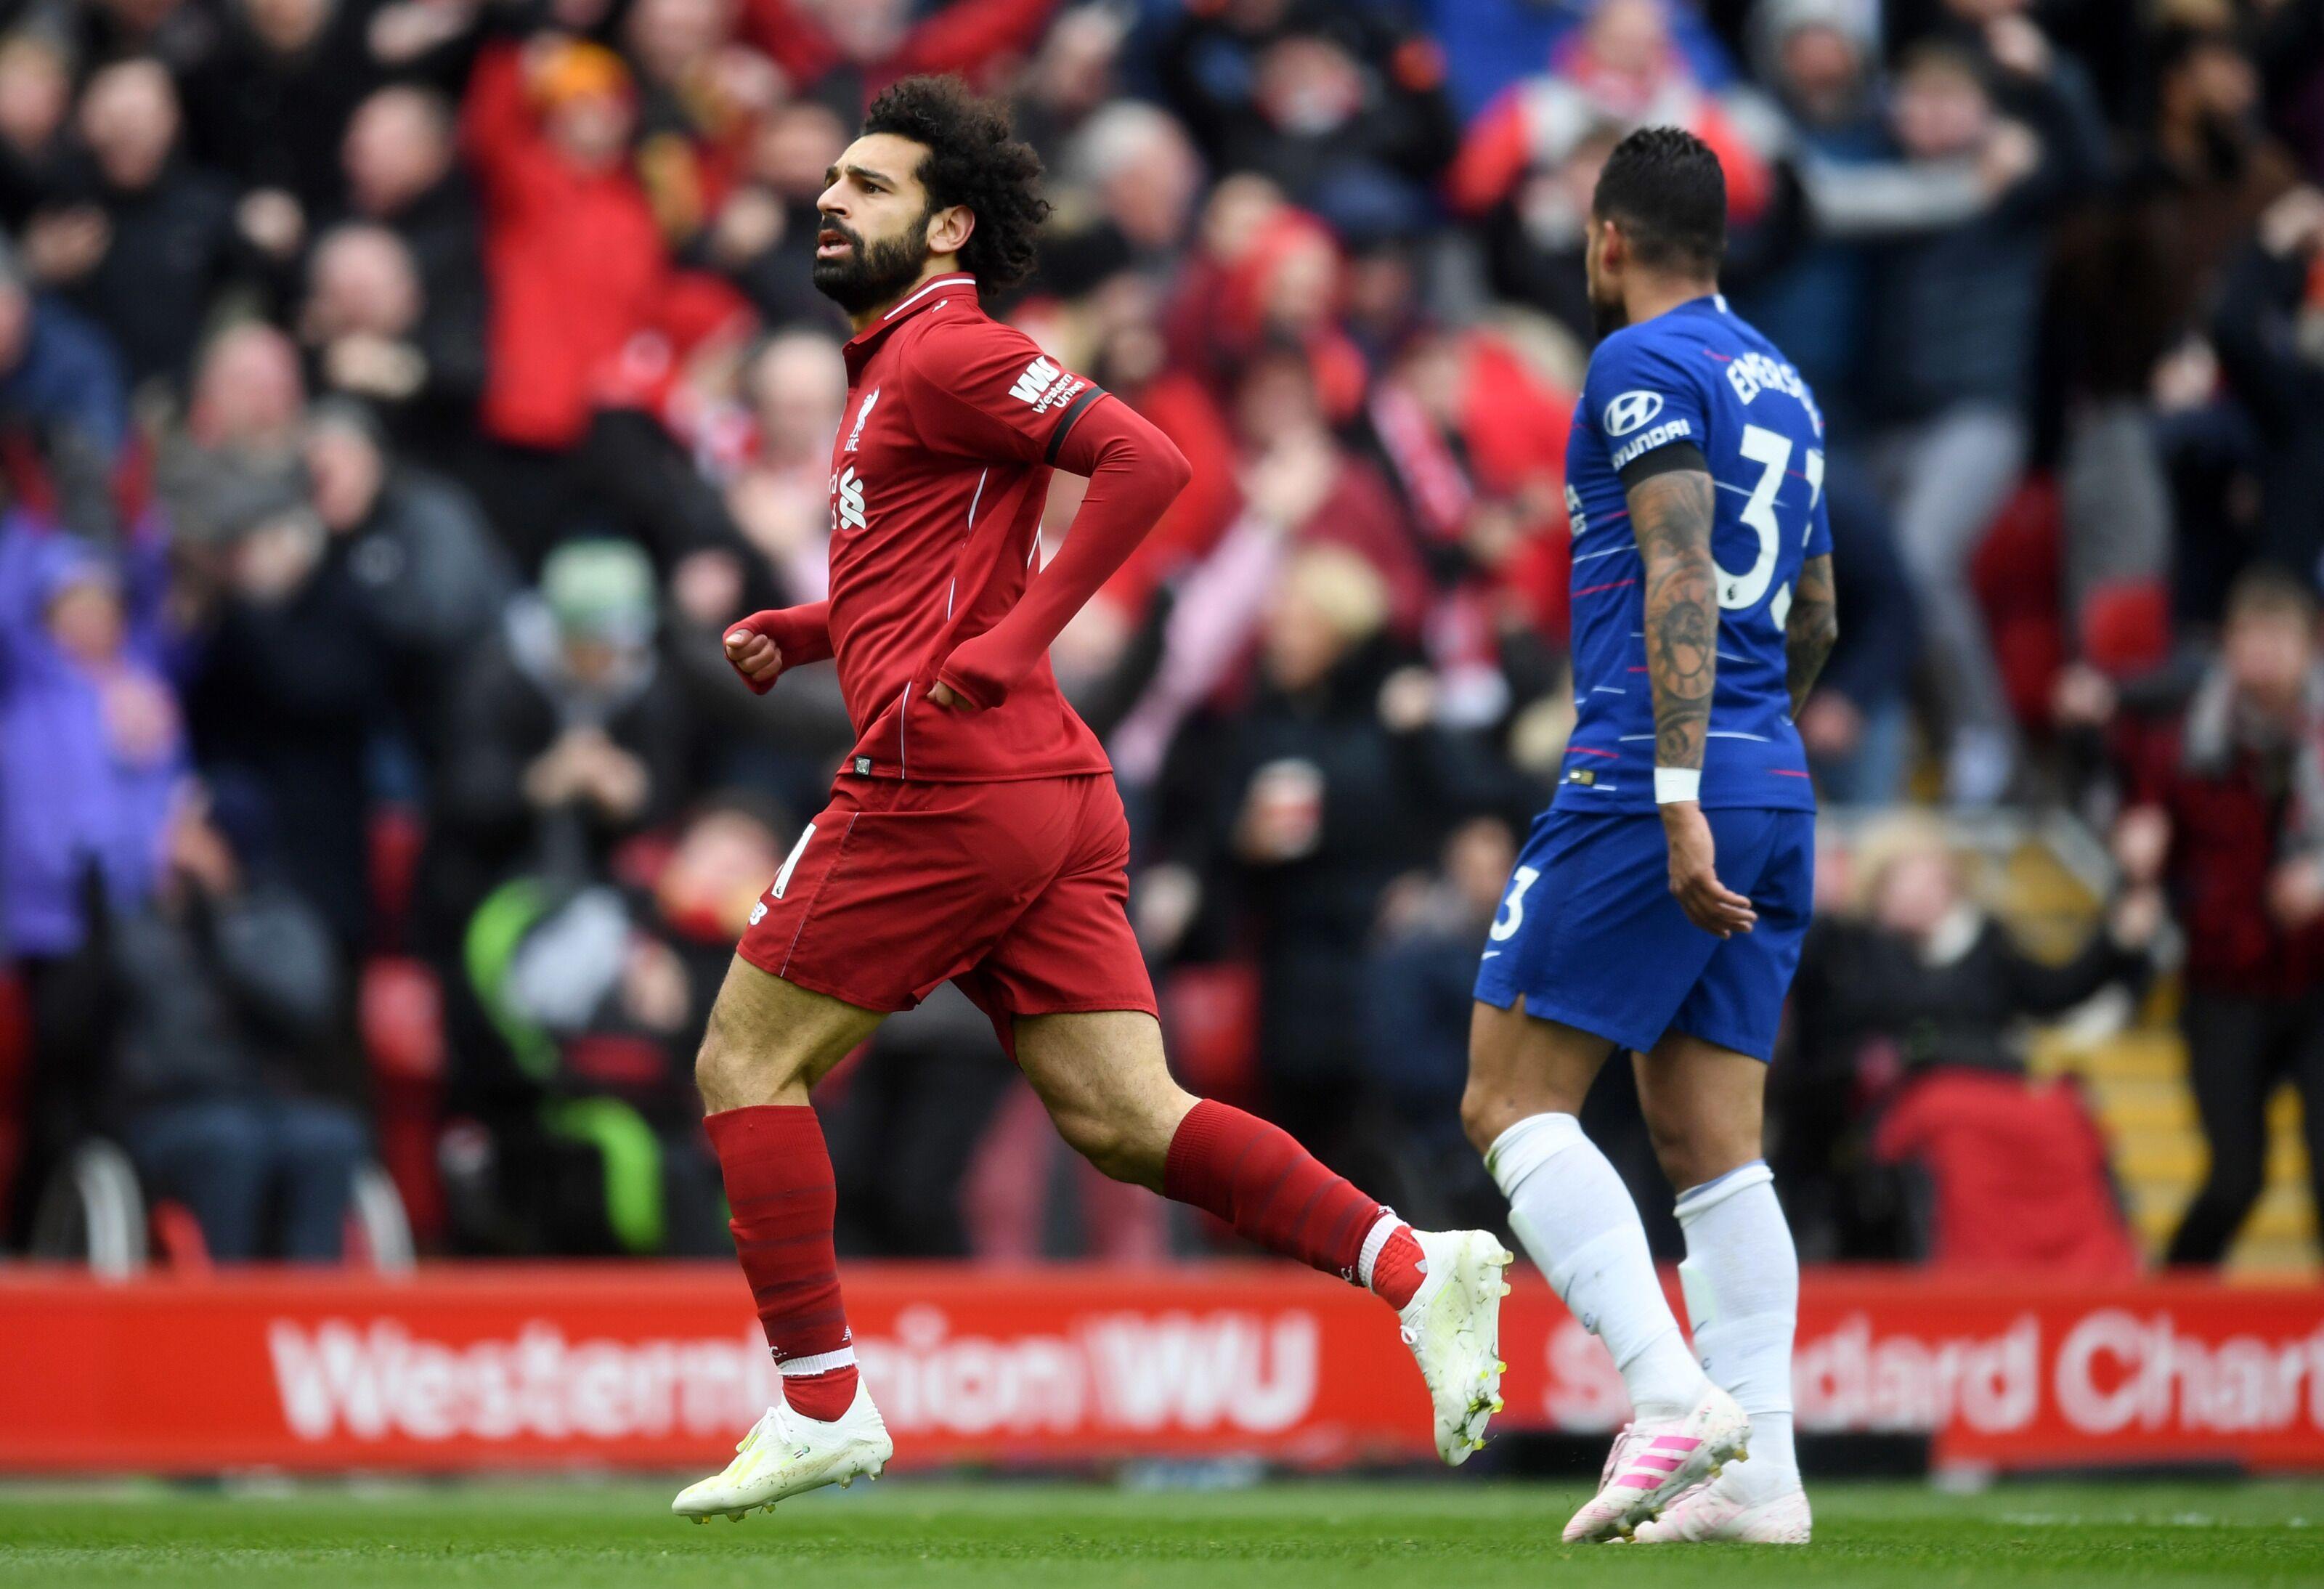 Liverpool 2-0 Chelsea: Alan Partridge commentary makes Mohamed Salah goal even better